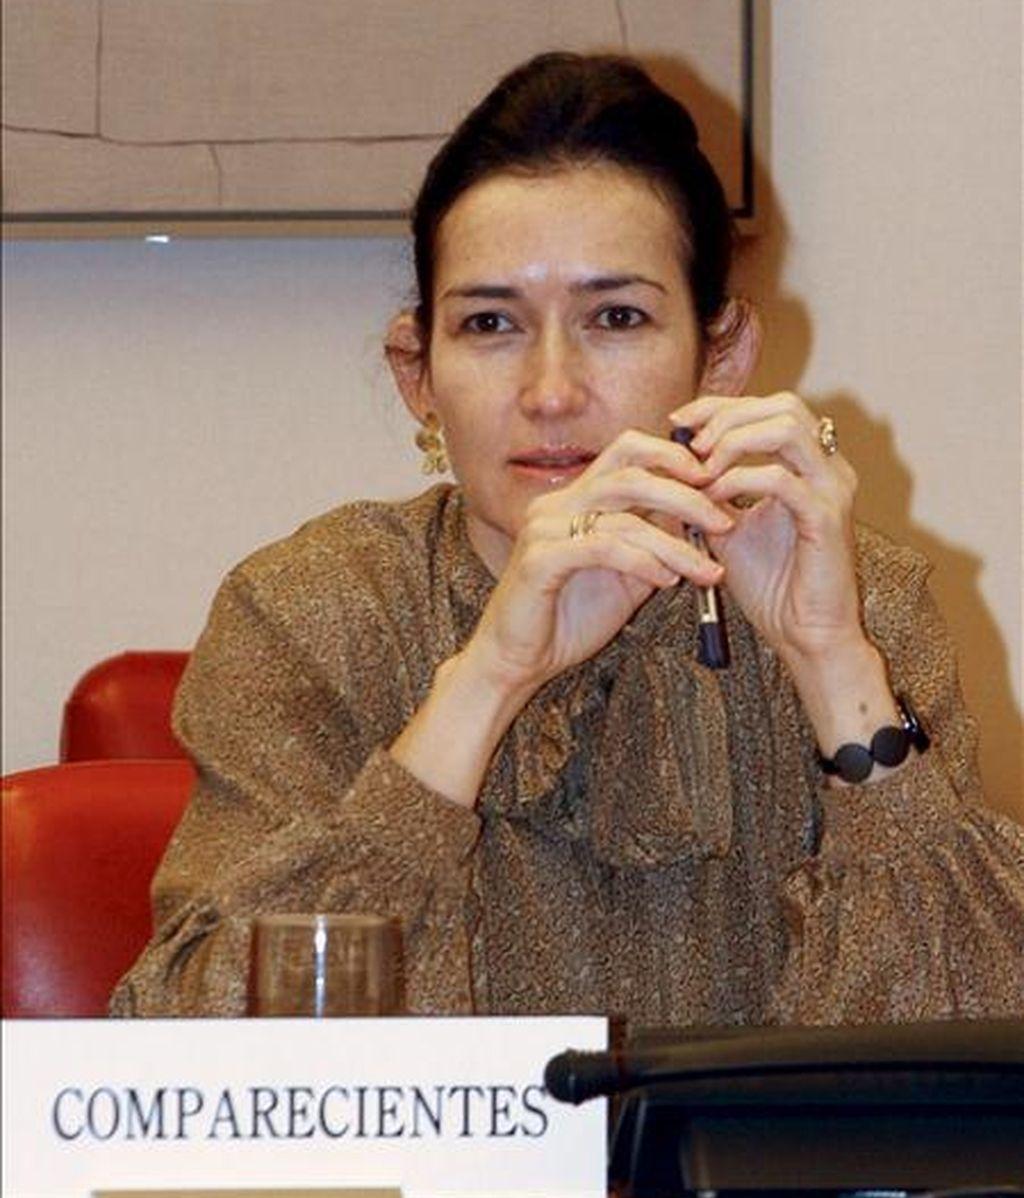 La ministra de Cultura, Ángeles González-Sinde, al inicio de su comparecencia ante la comisión de Cultura del Congreso de los Diputados. EFE